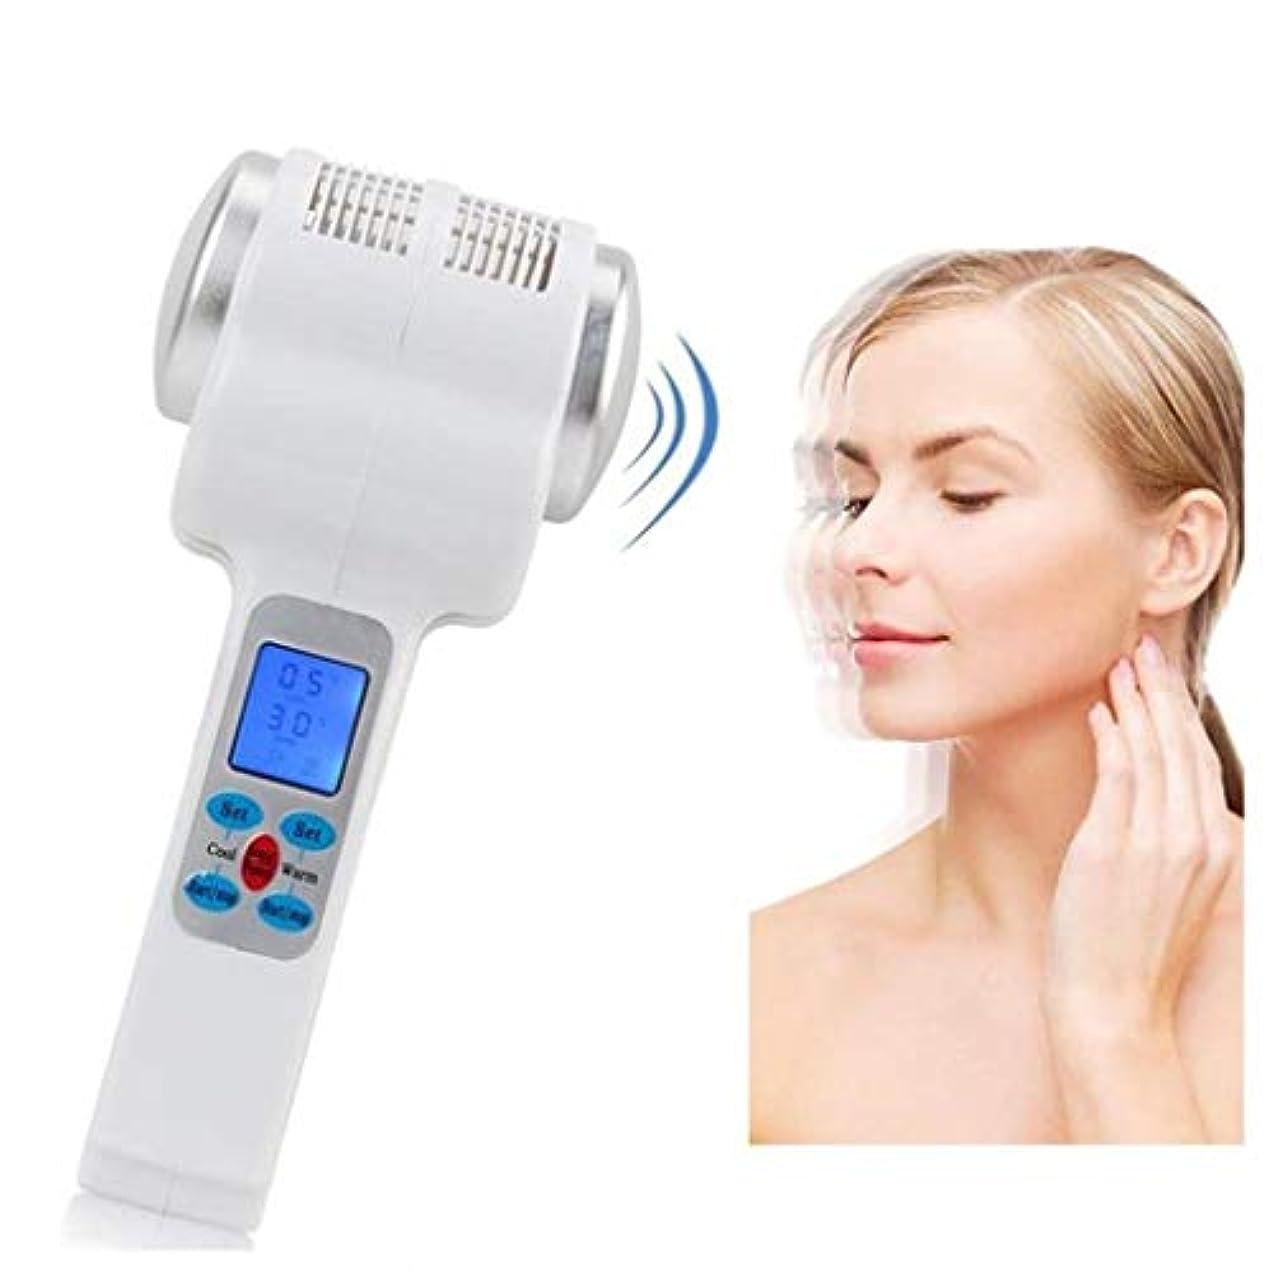 中で雇った故意に美容器具、顔の振動マッサージ、ホット凍結療法、リフティングフェイシャルスキンビューティーマシン、肌を引き締めて細い線を改善する